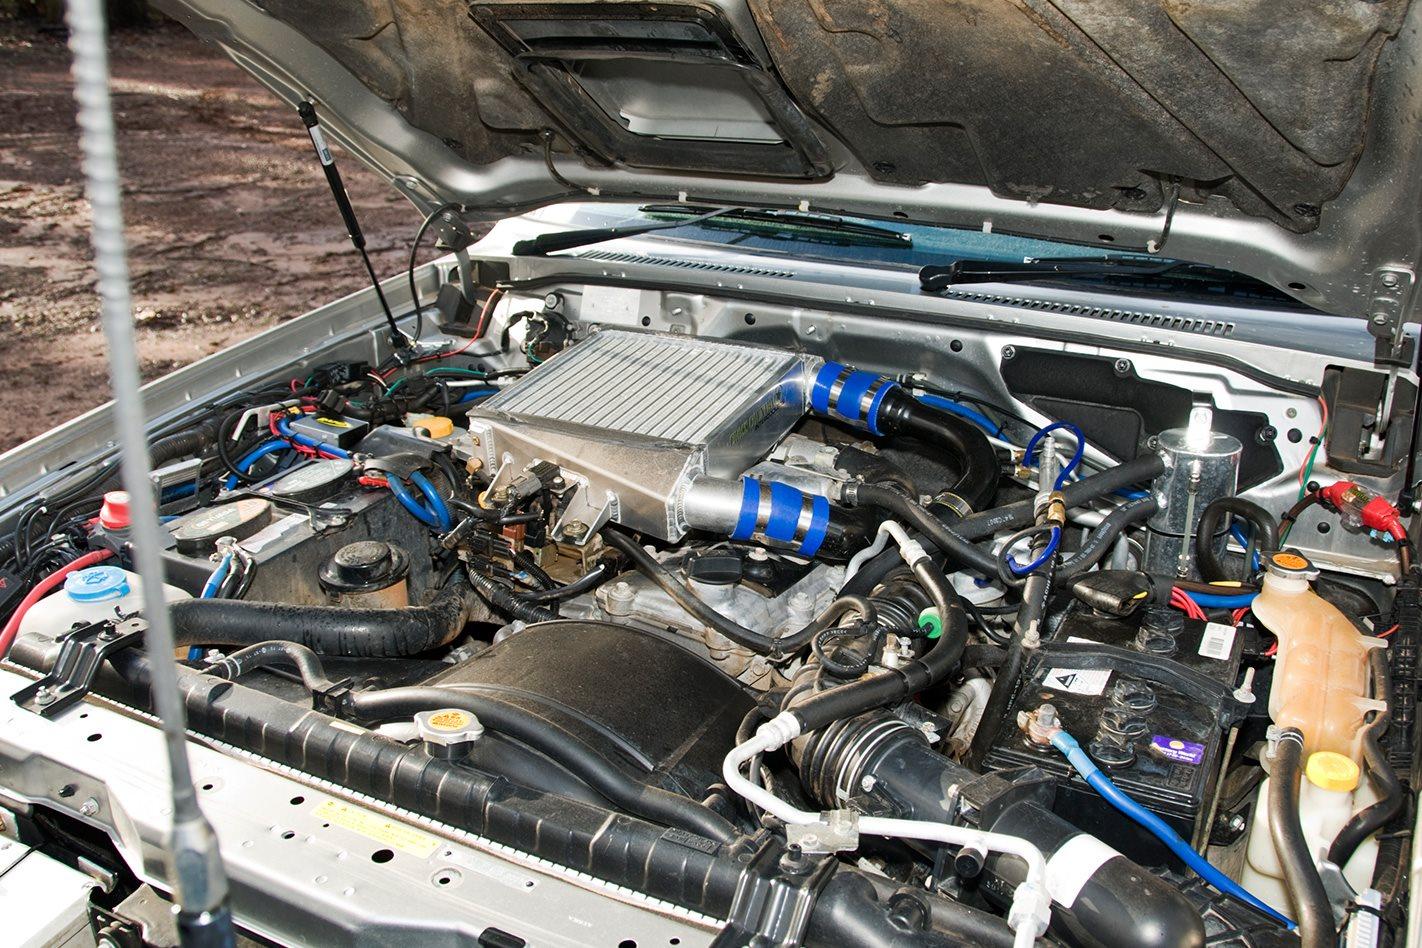 2005-Nissan-Patrol-GU engine